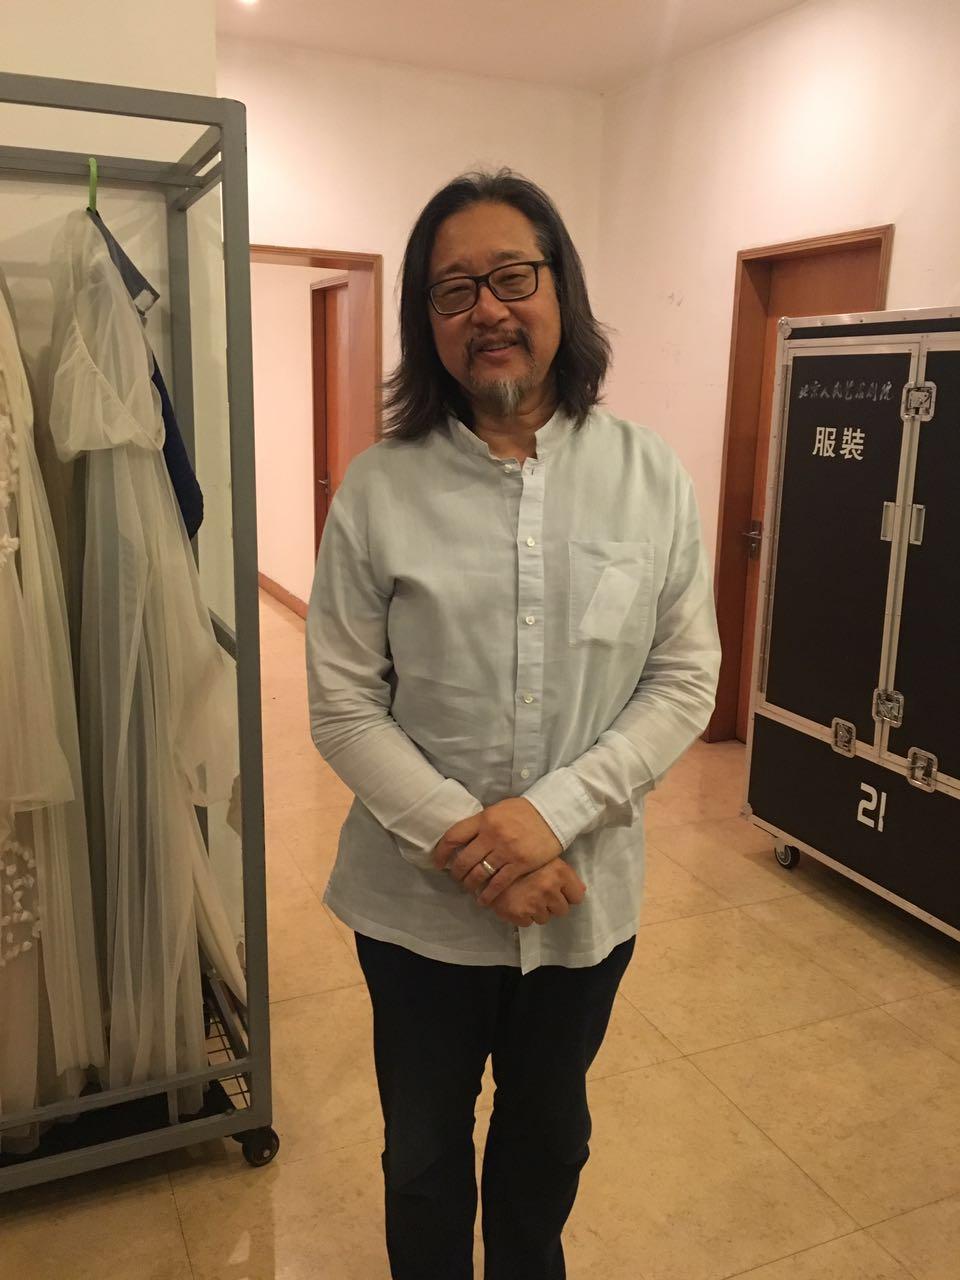 专访赖声川:对于戏剧,我有使命感